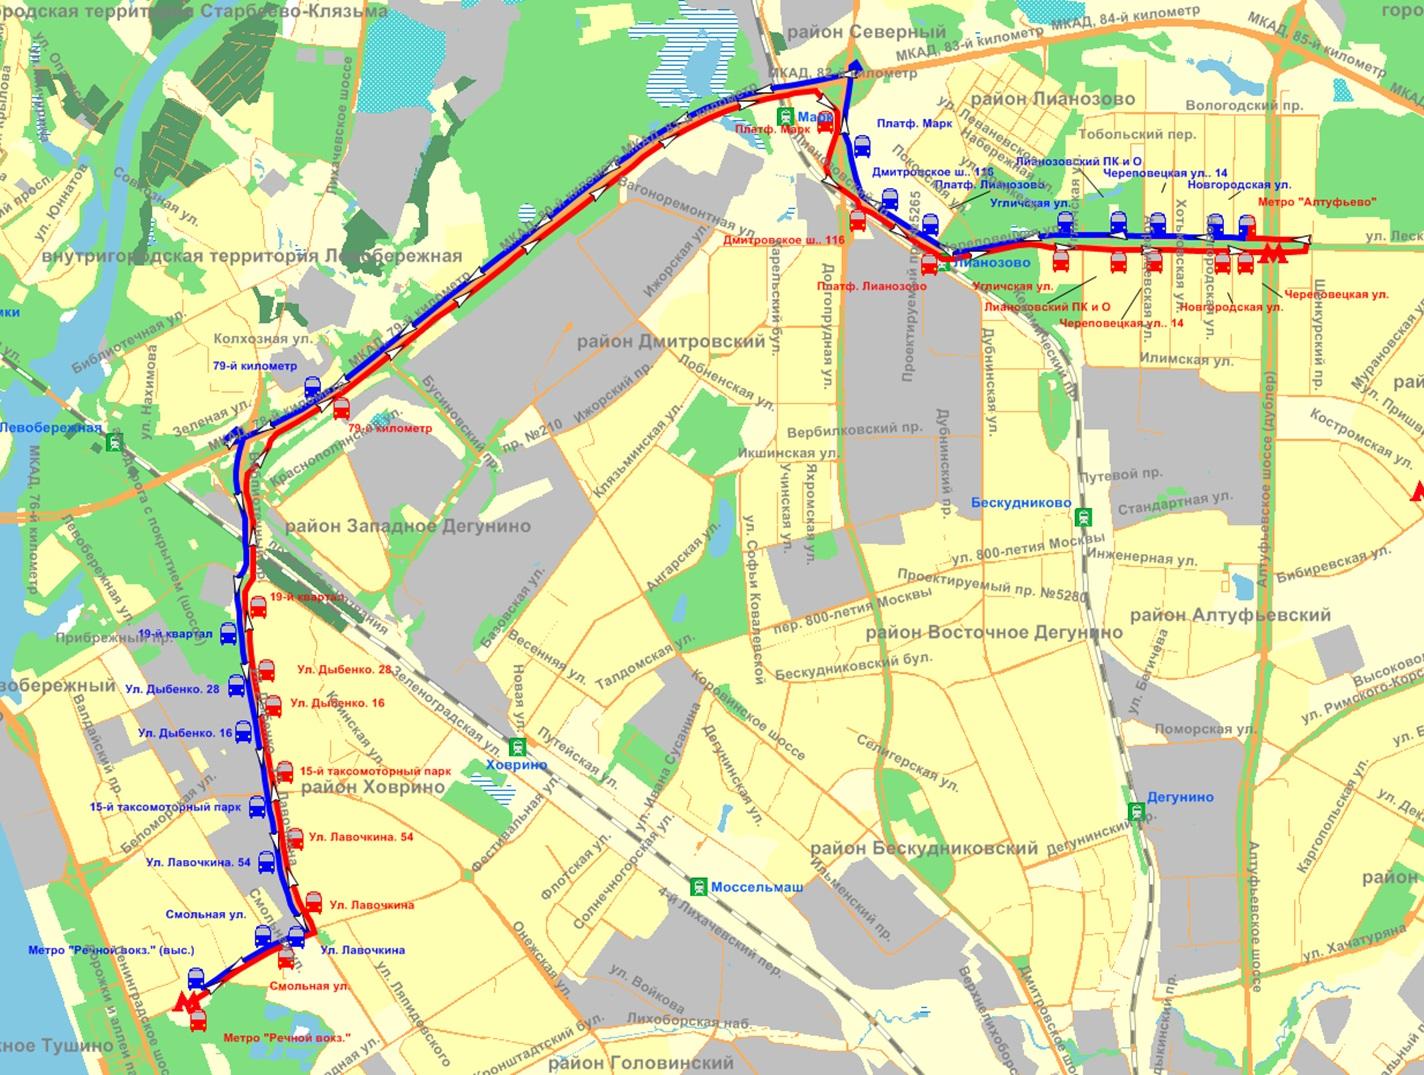 Расписание пвтобуса маршрут 559 москва